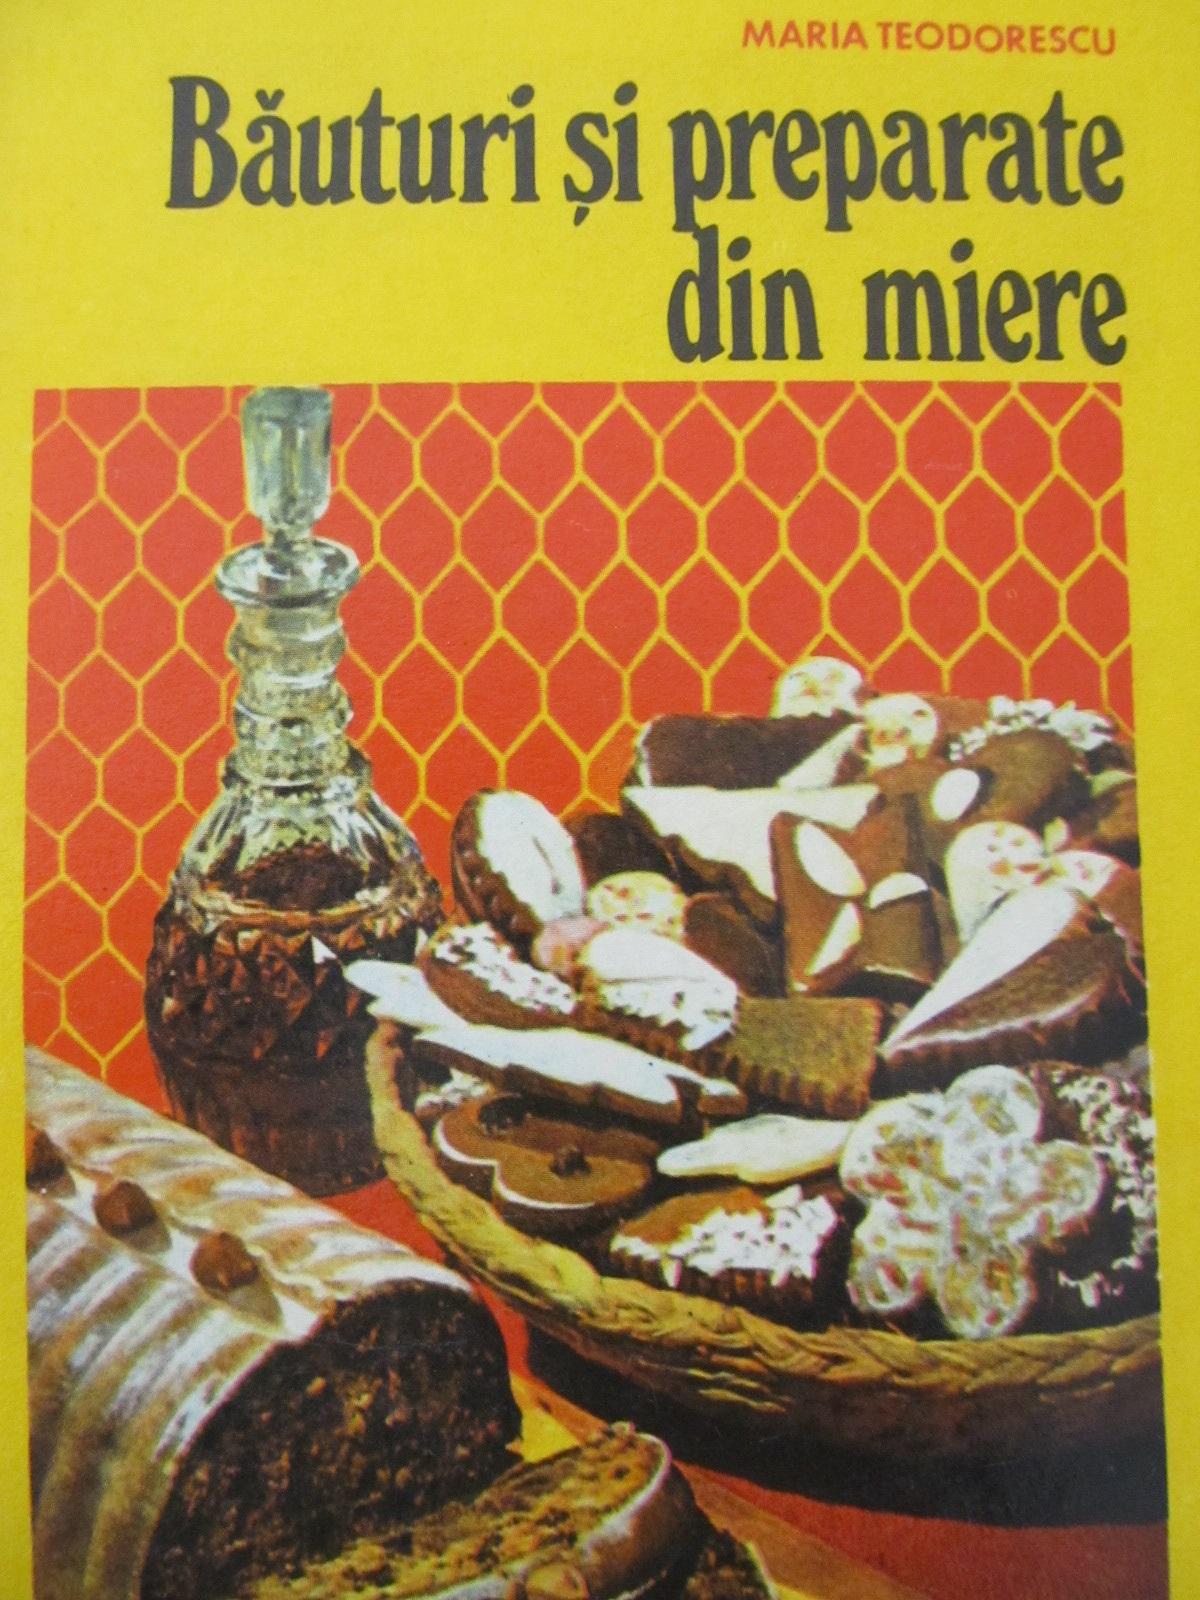 Bauturi si preparate din miere - Maria Teodorescu | Detalii carte